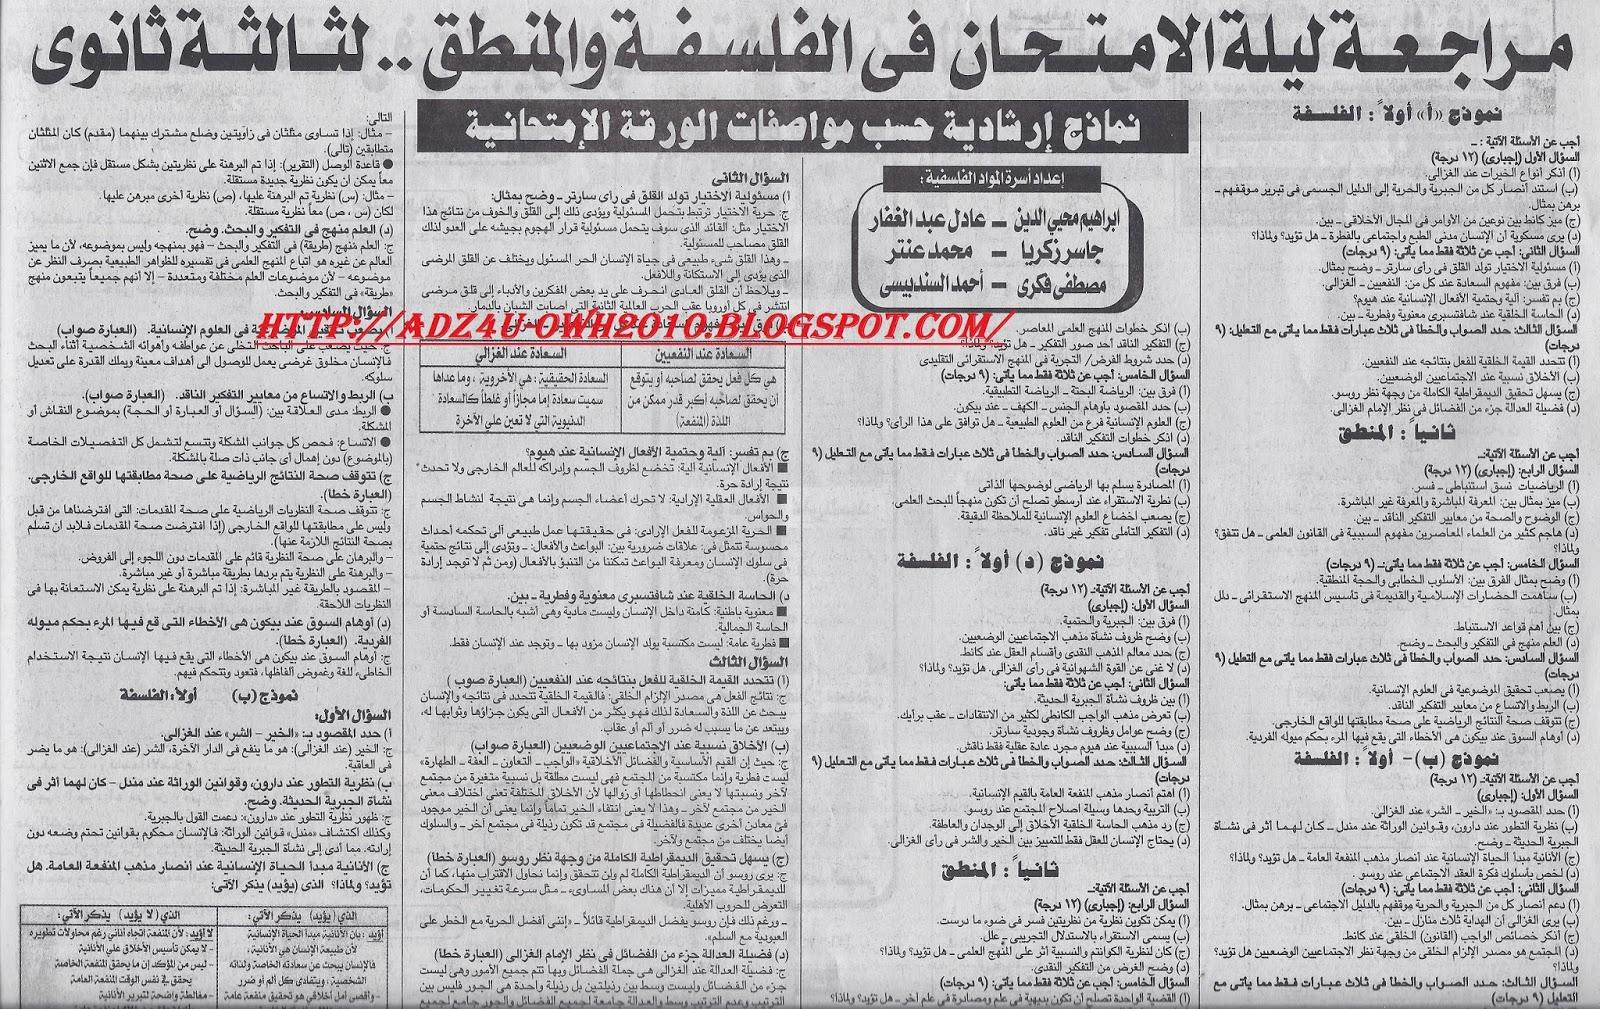 توقعات جريدة الجمهورية التعليمى فى الفلسفة والمنطق لللثانوية العامة 2014